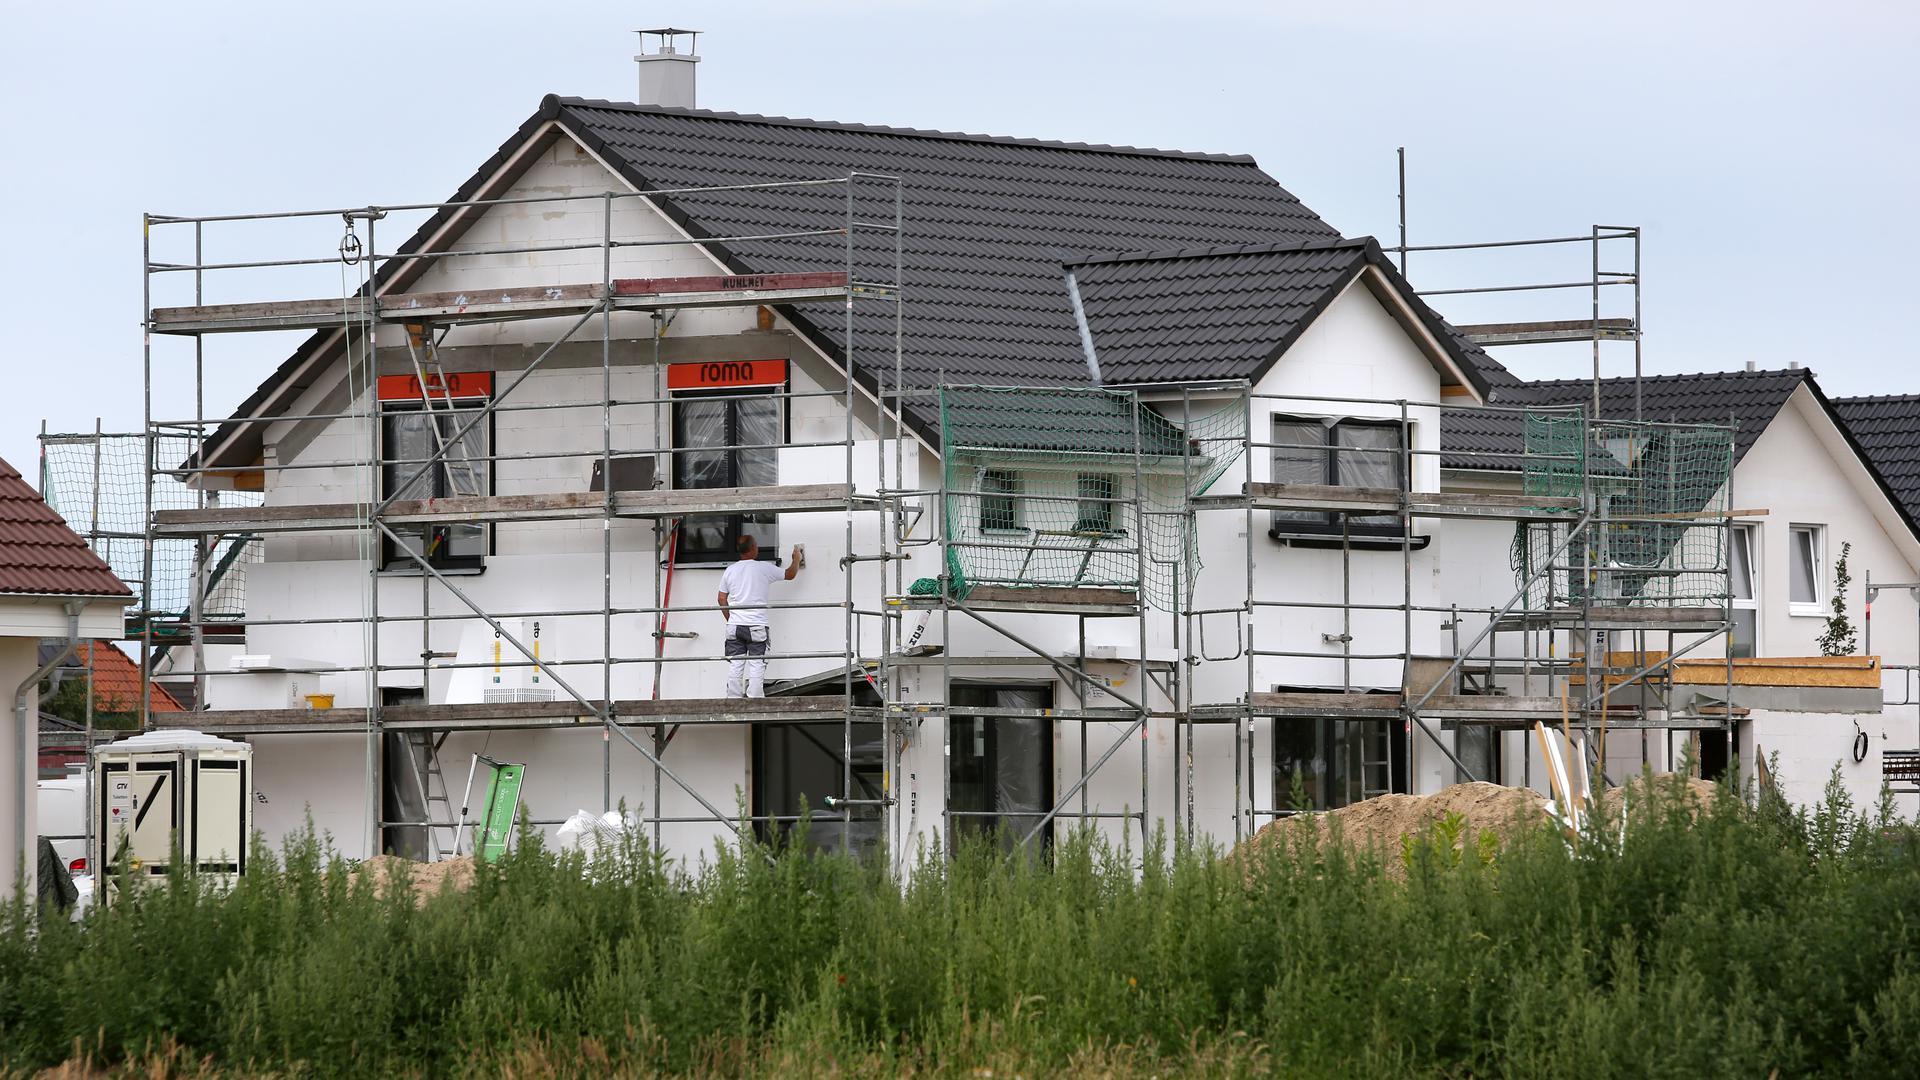 Bauarbeiter arbeiten an der Fertigstellung von Einfamilienhäusern.